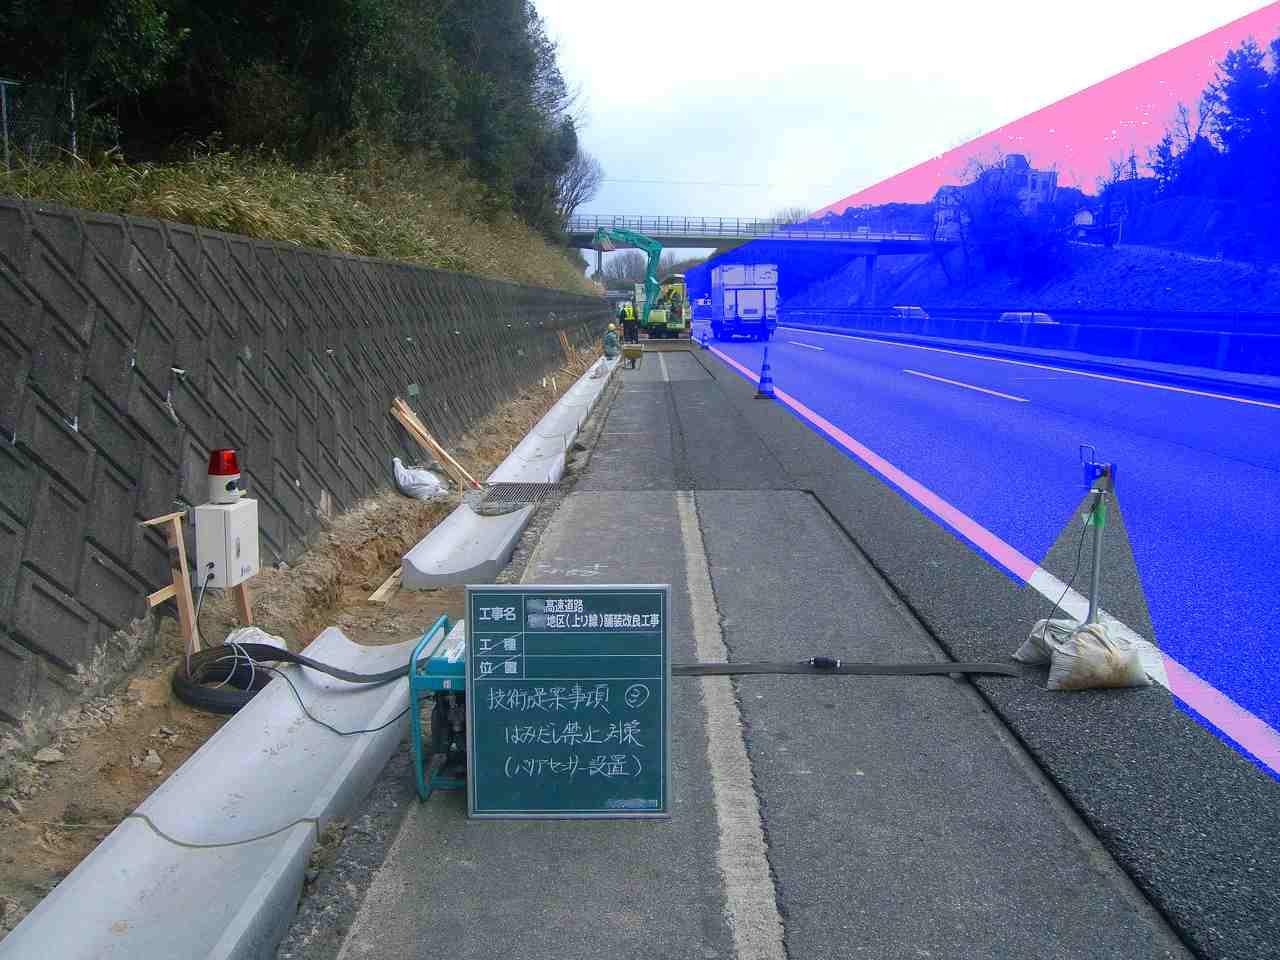 センサー範囲イメージ(高速道路)